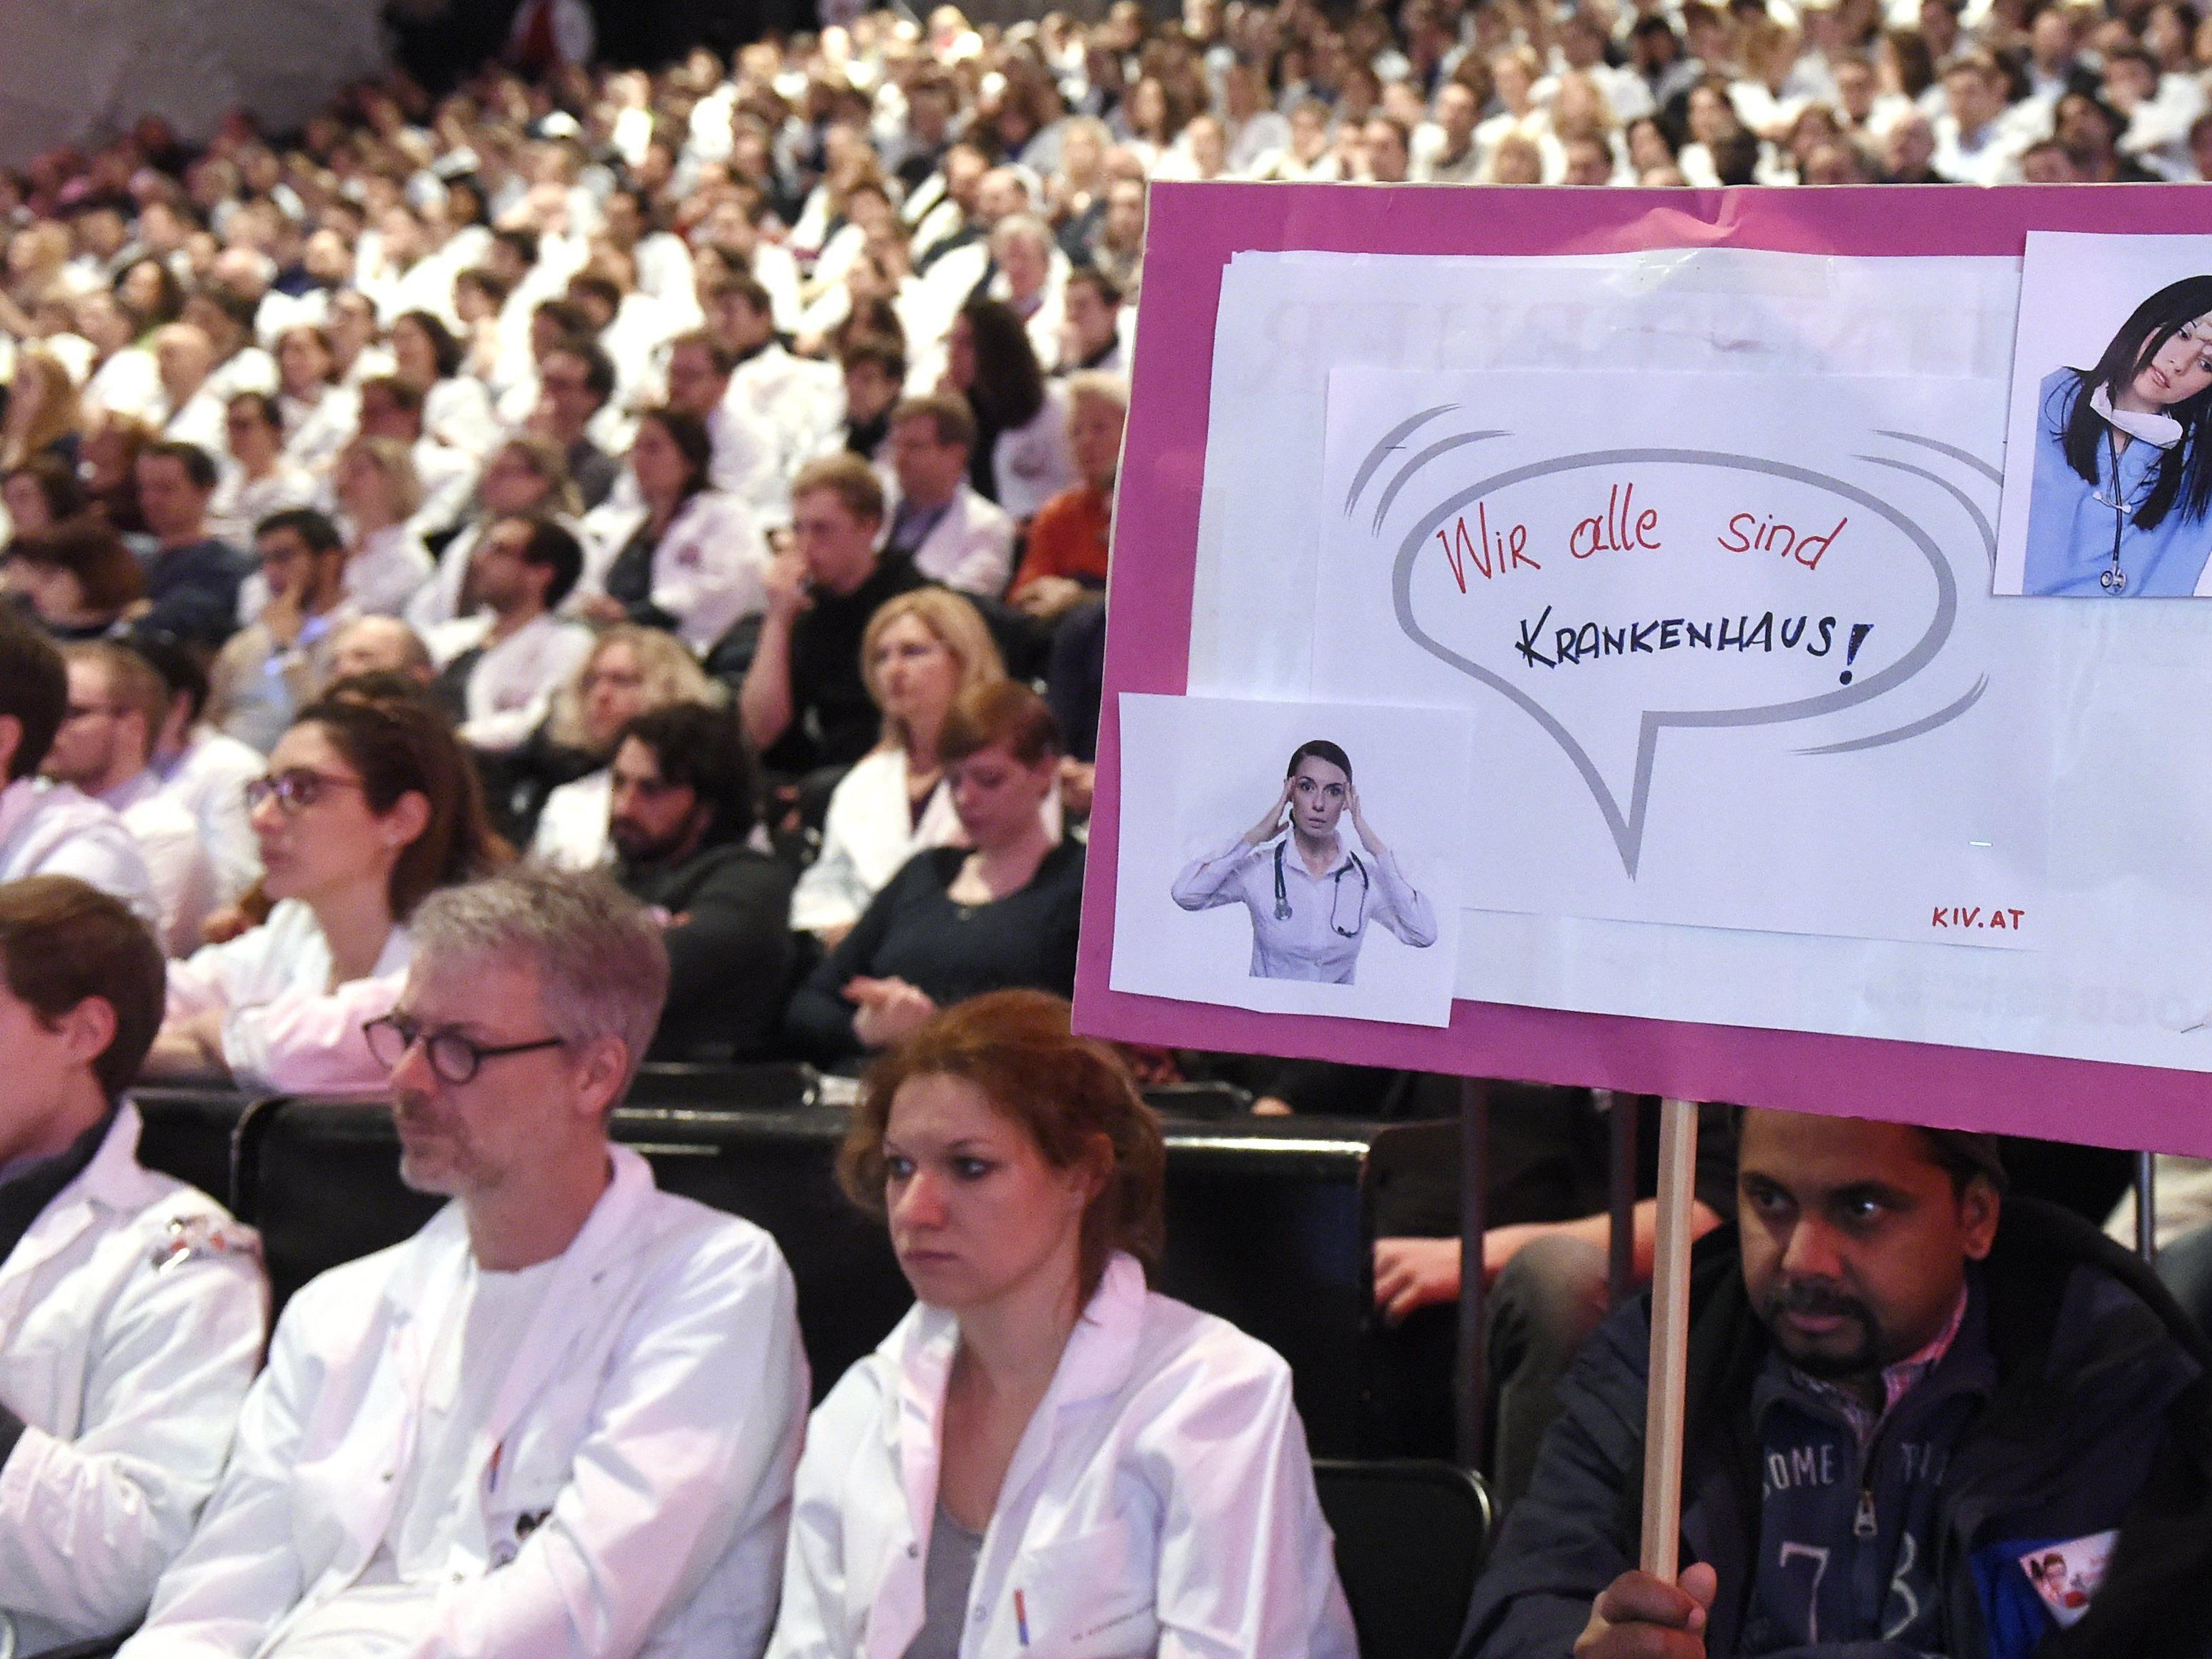 Spitalsärzte - Großer Andrang bei Kundgebung der Wiener Mediziner